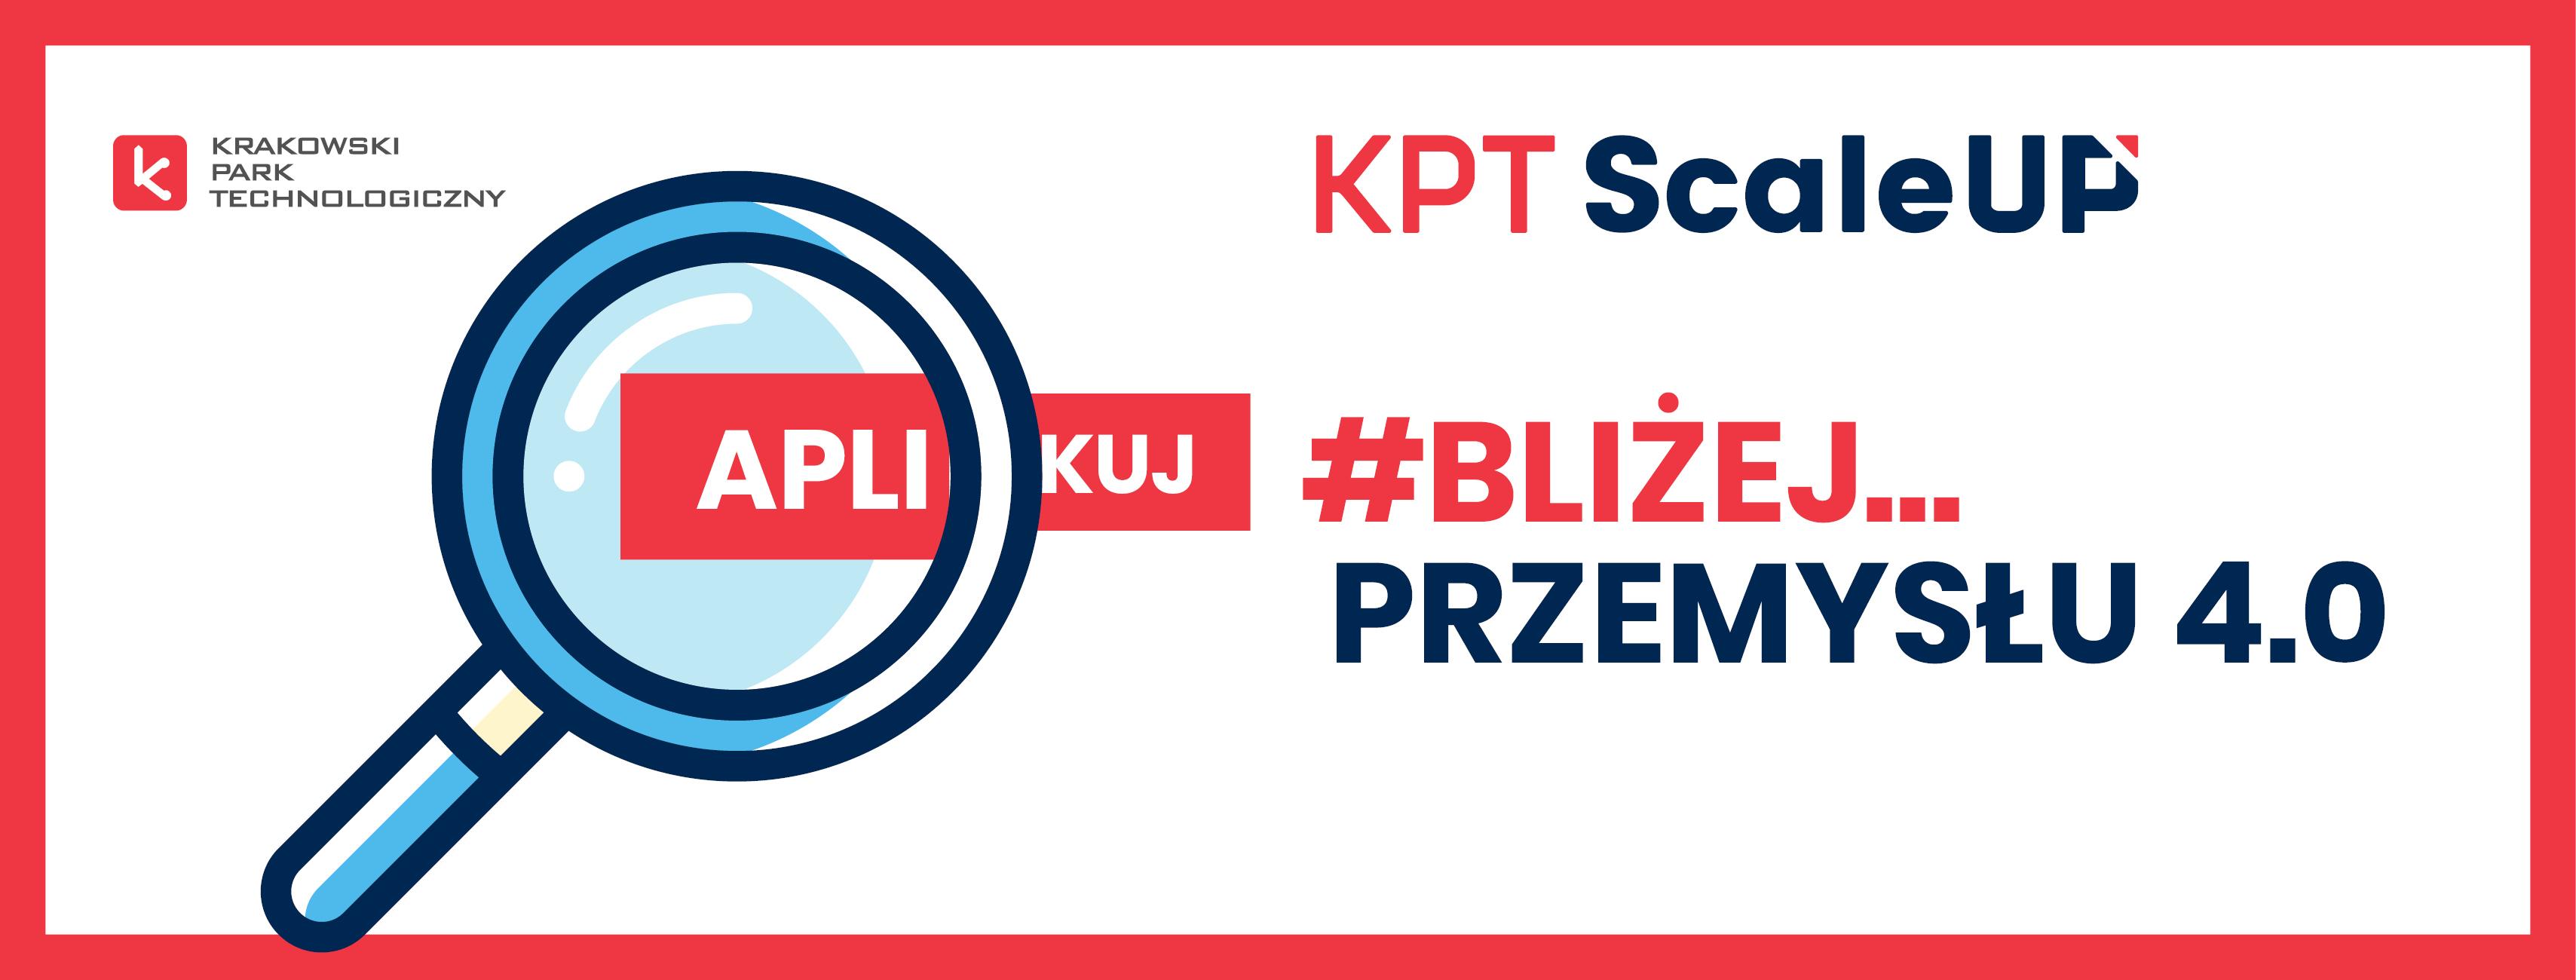 Trwa rekrutacja do VI już edycji programu akceleracyjnego KPT ScaleUp